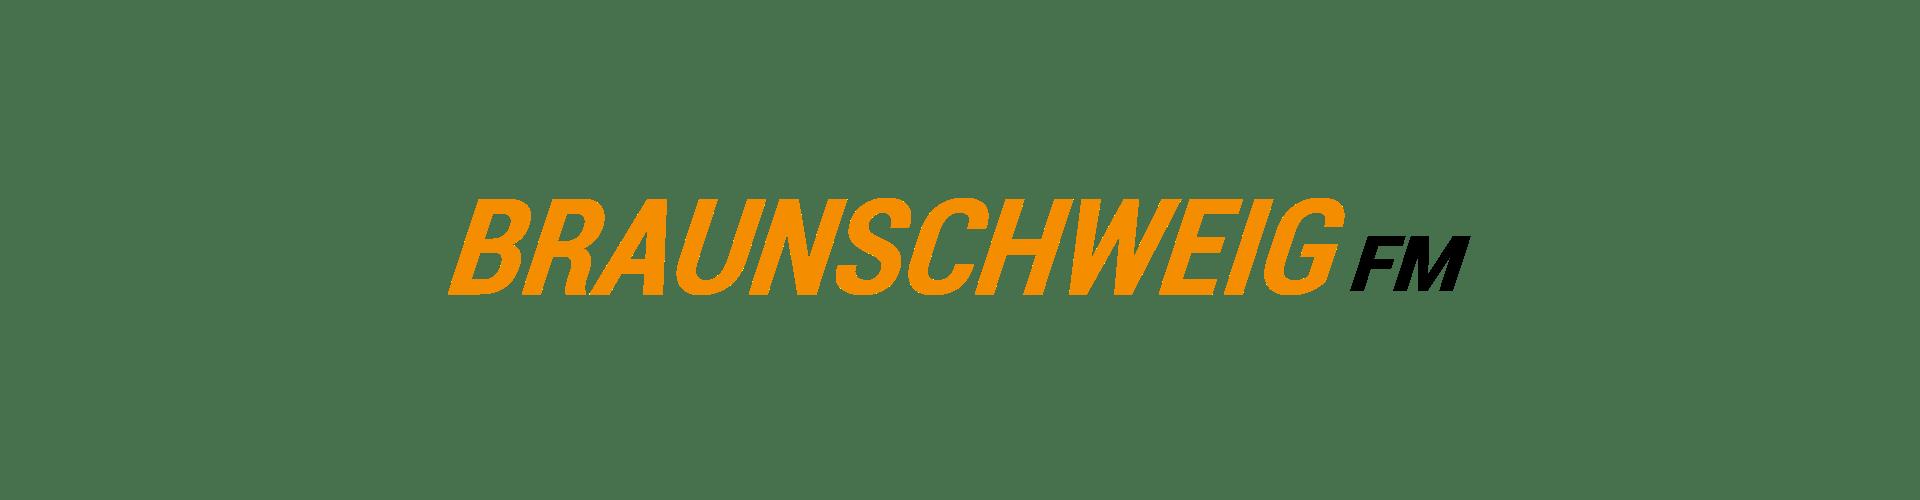 Braunschweig FM